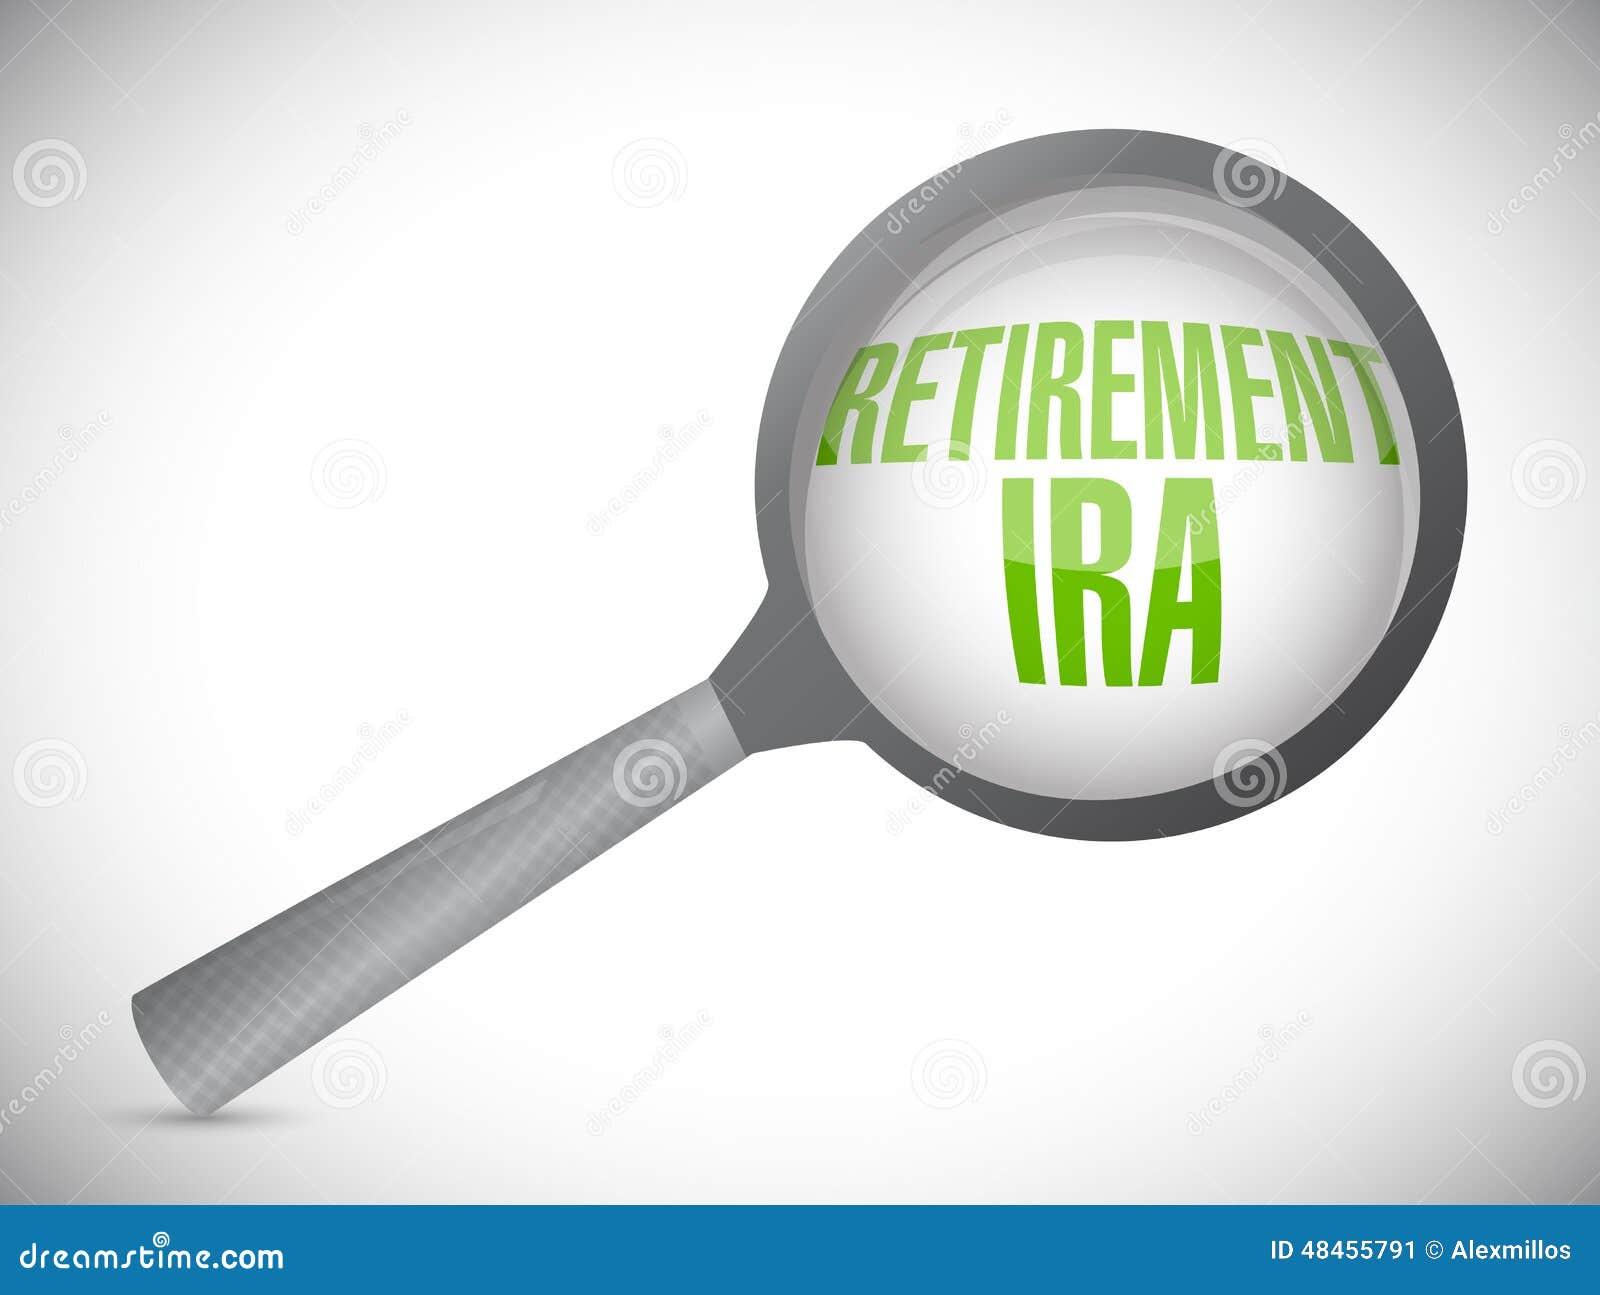 Best stock options for 401k